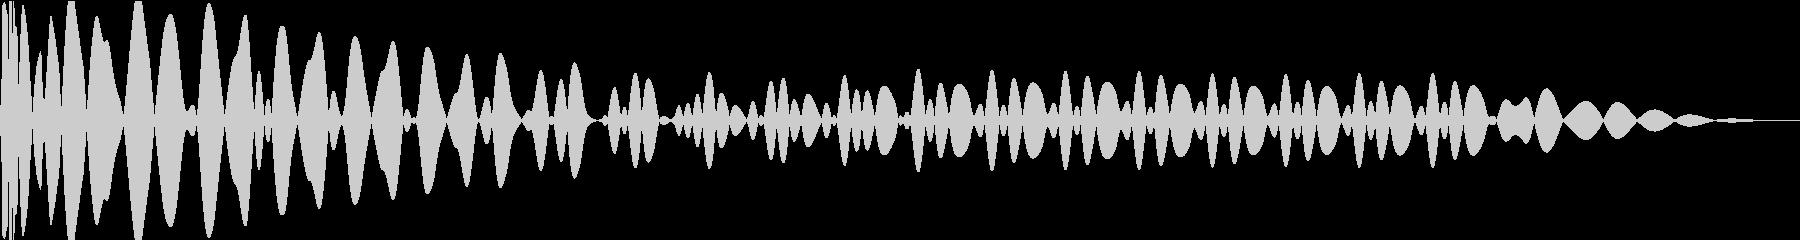 EDMキック キーF#の未再生の波形